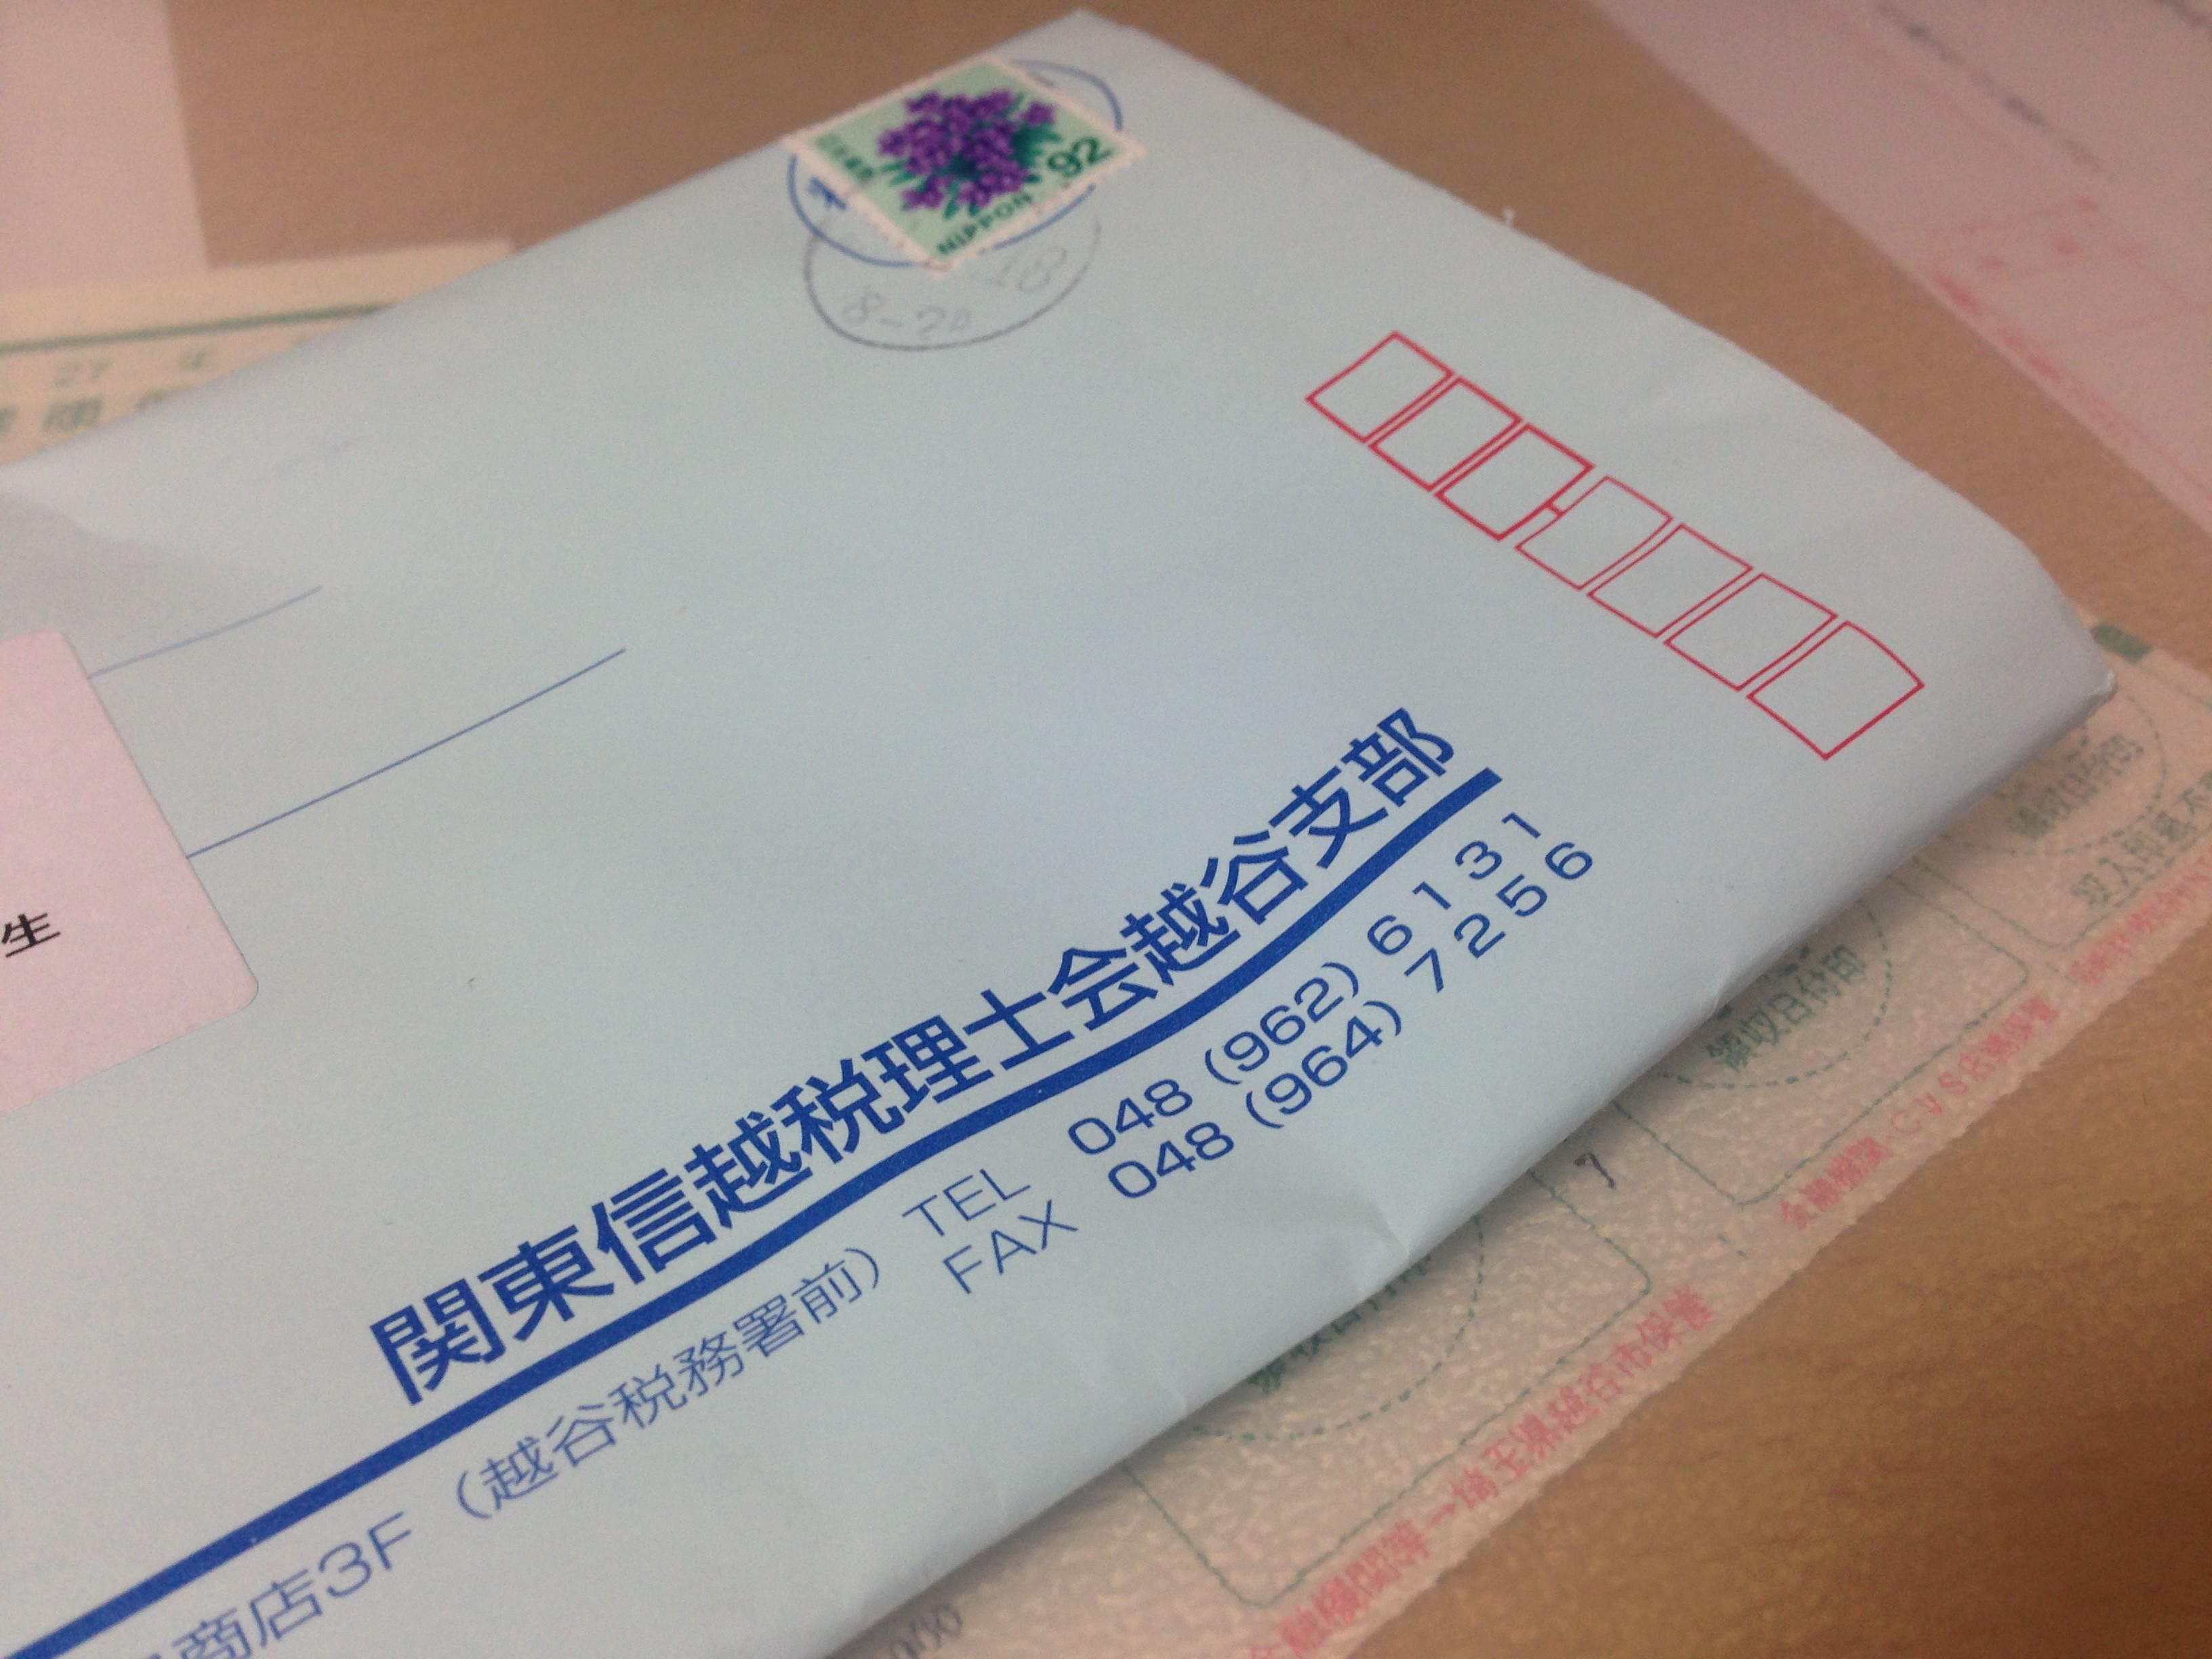 税理士会からの封筒